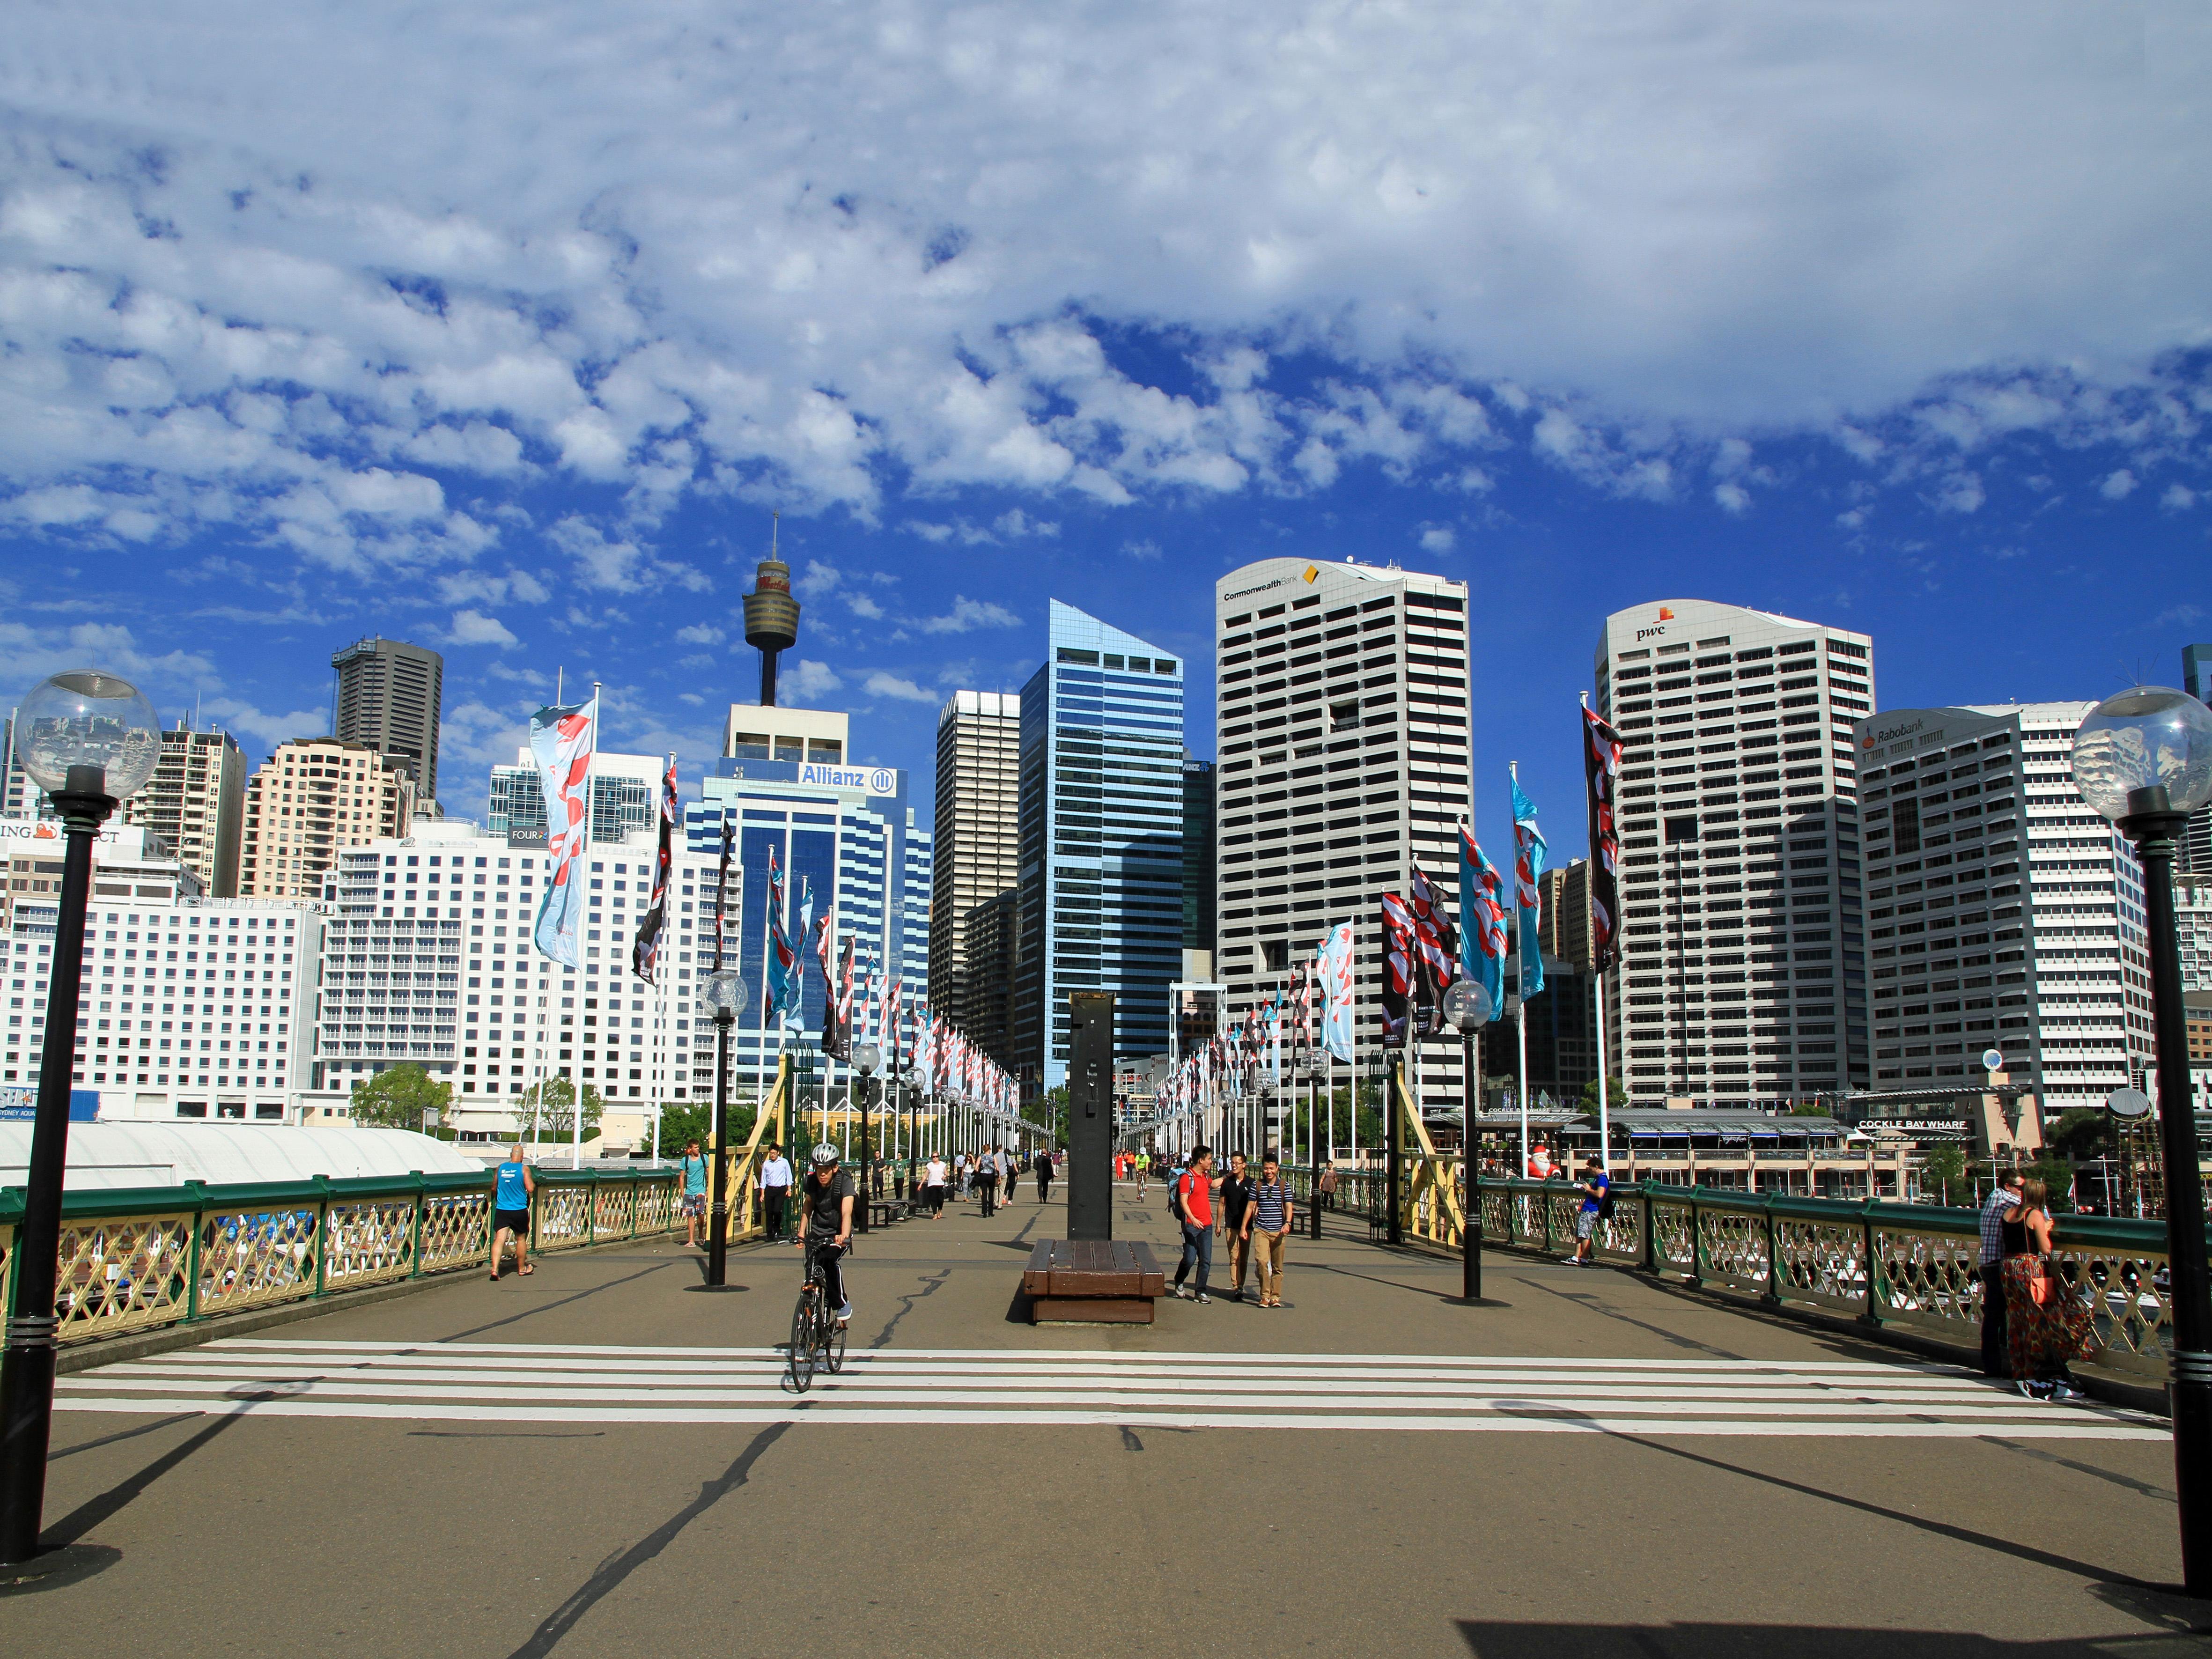 Aussie_5691c-30x40